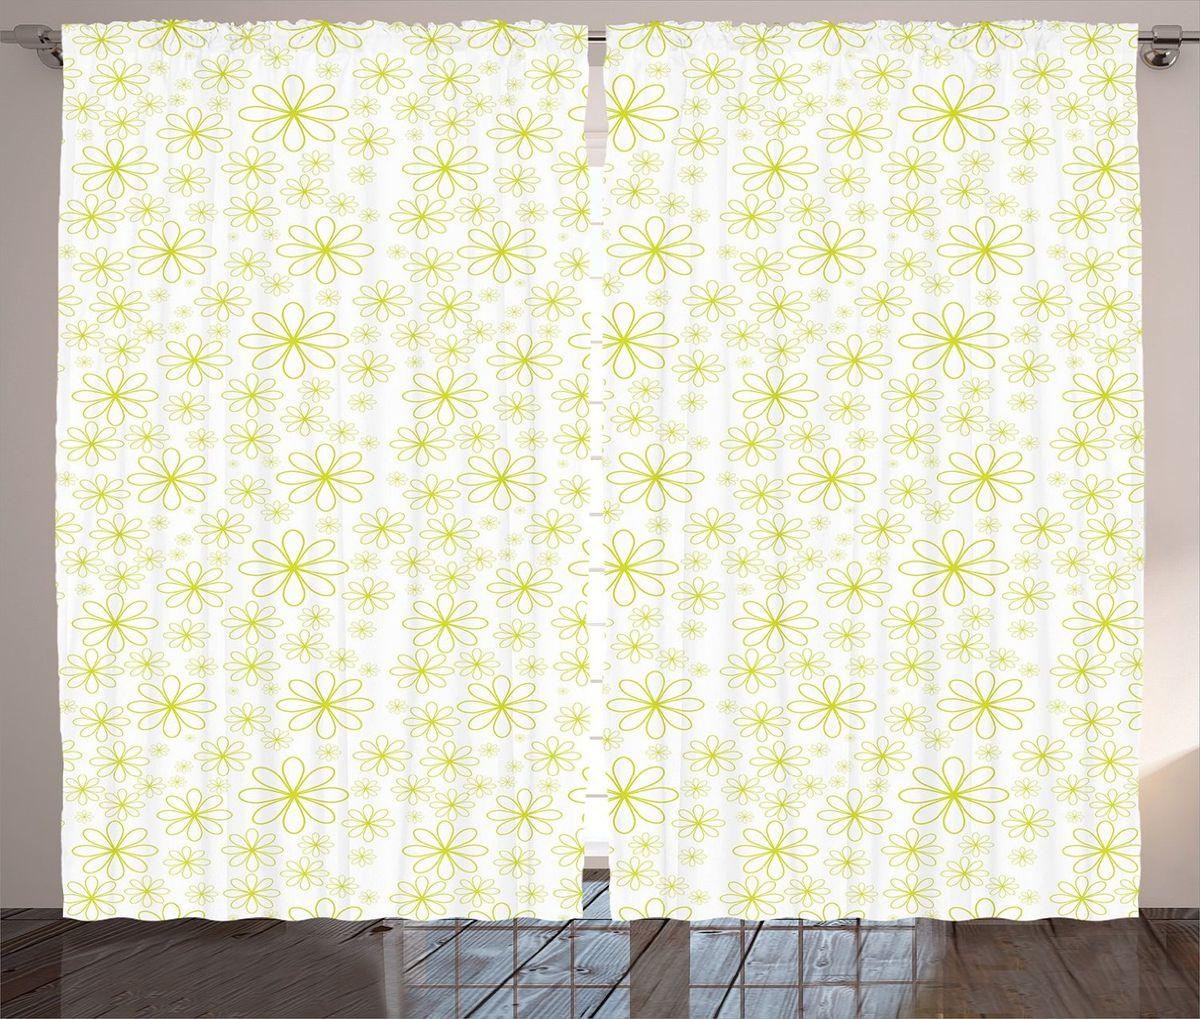 Комплект фотоштор Magic Lady Зеленые цветы, на ленте, высота 265 смшсг_12352Фотошторы Magic Lady Зеленые цветы, изготовленные из высококачественного сатена (полиэстер 100%), отлично дополнят любой интерьер. При изготовлении используются специальные гипоаллергенные чернила для прямой печати по ткани, безопасные для человека и животных. Крепление на карниз при помощи шторной ленты на крючки.В комплекте 2 шторы, 50 крючков. Ширина одного полотна: 145 см.Высота штор: 265 см.Изображение на мониторе может немного отличаться от реального.